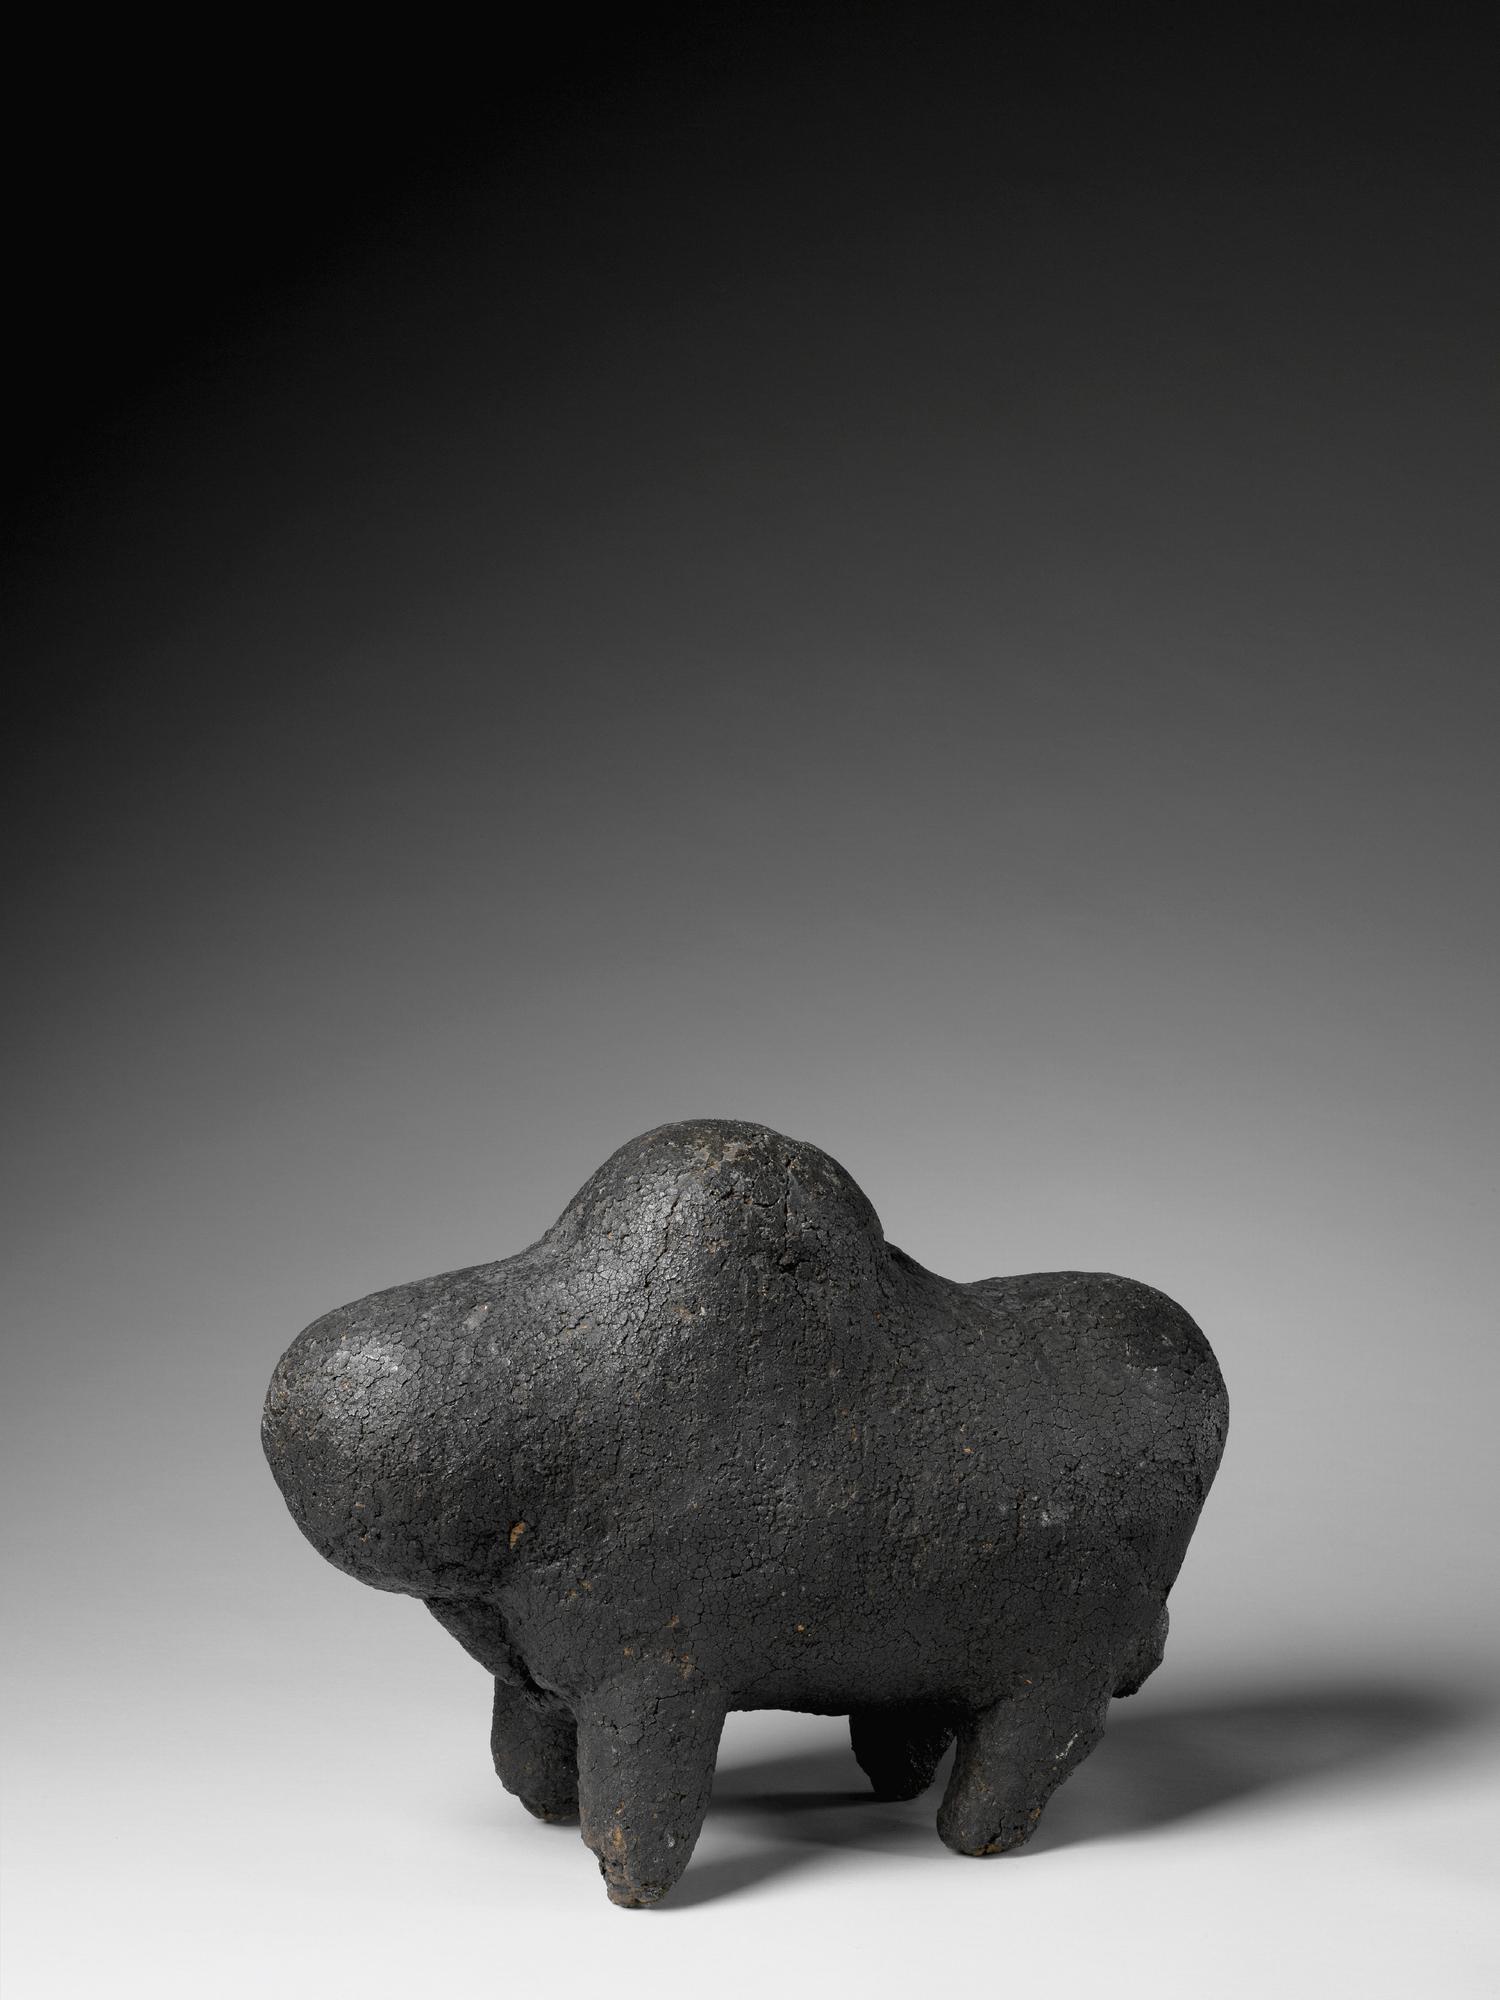 Le boli était conservé dans un sanctuaire de la société initiatique dite Kono. L'animal représenté serait un hippopotame ou un cheval.